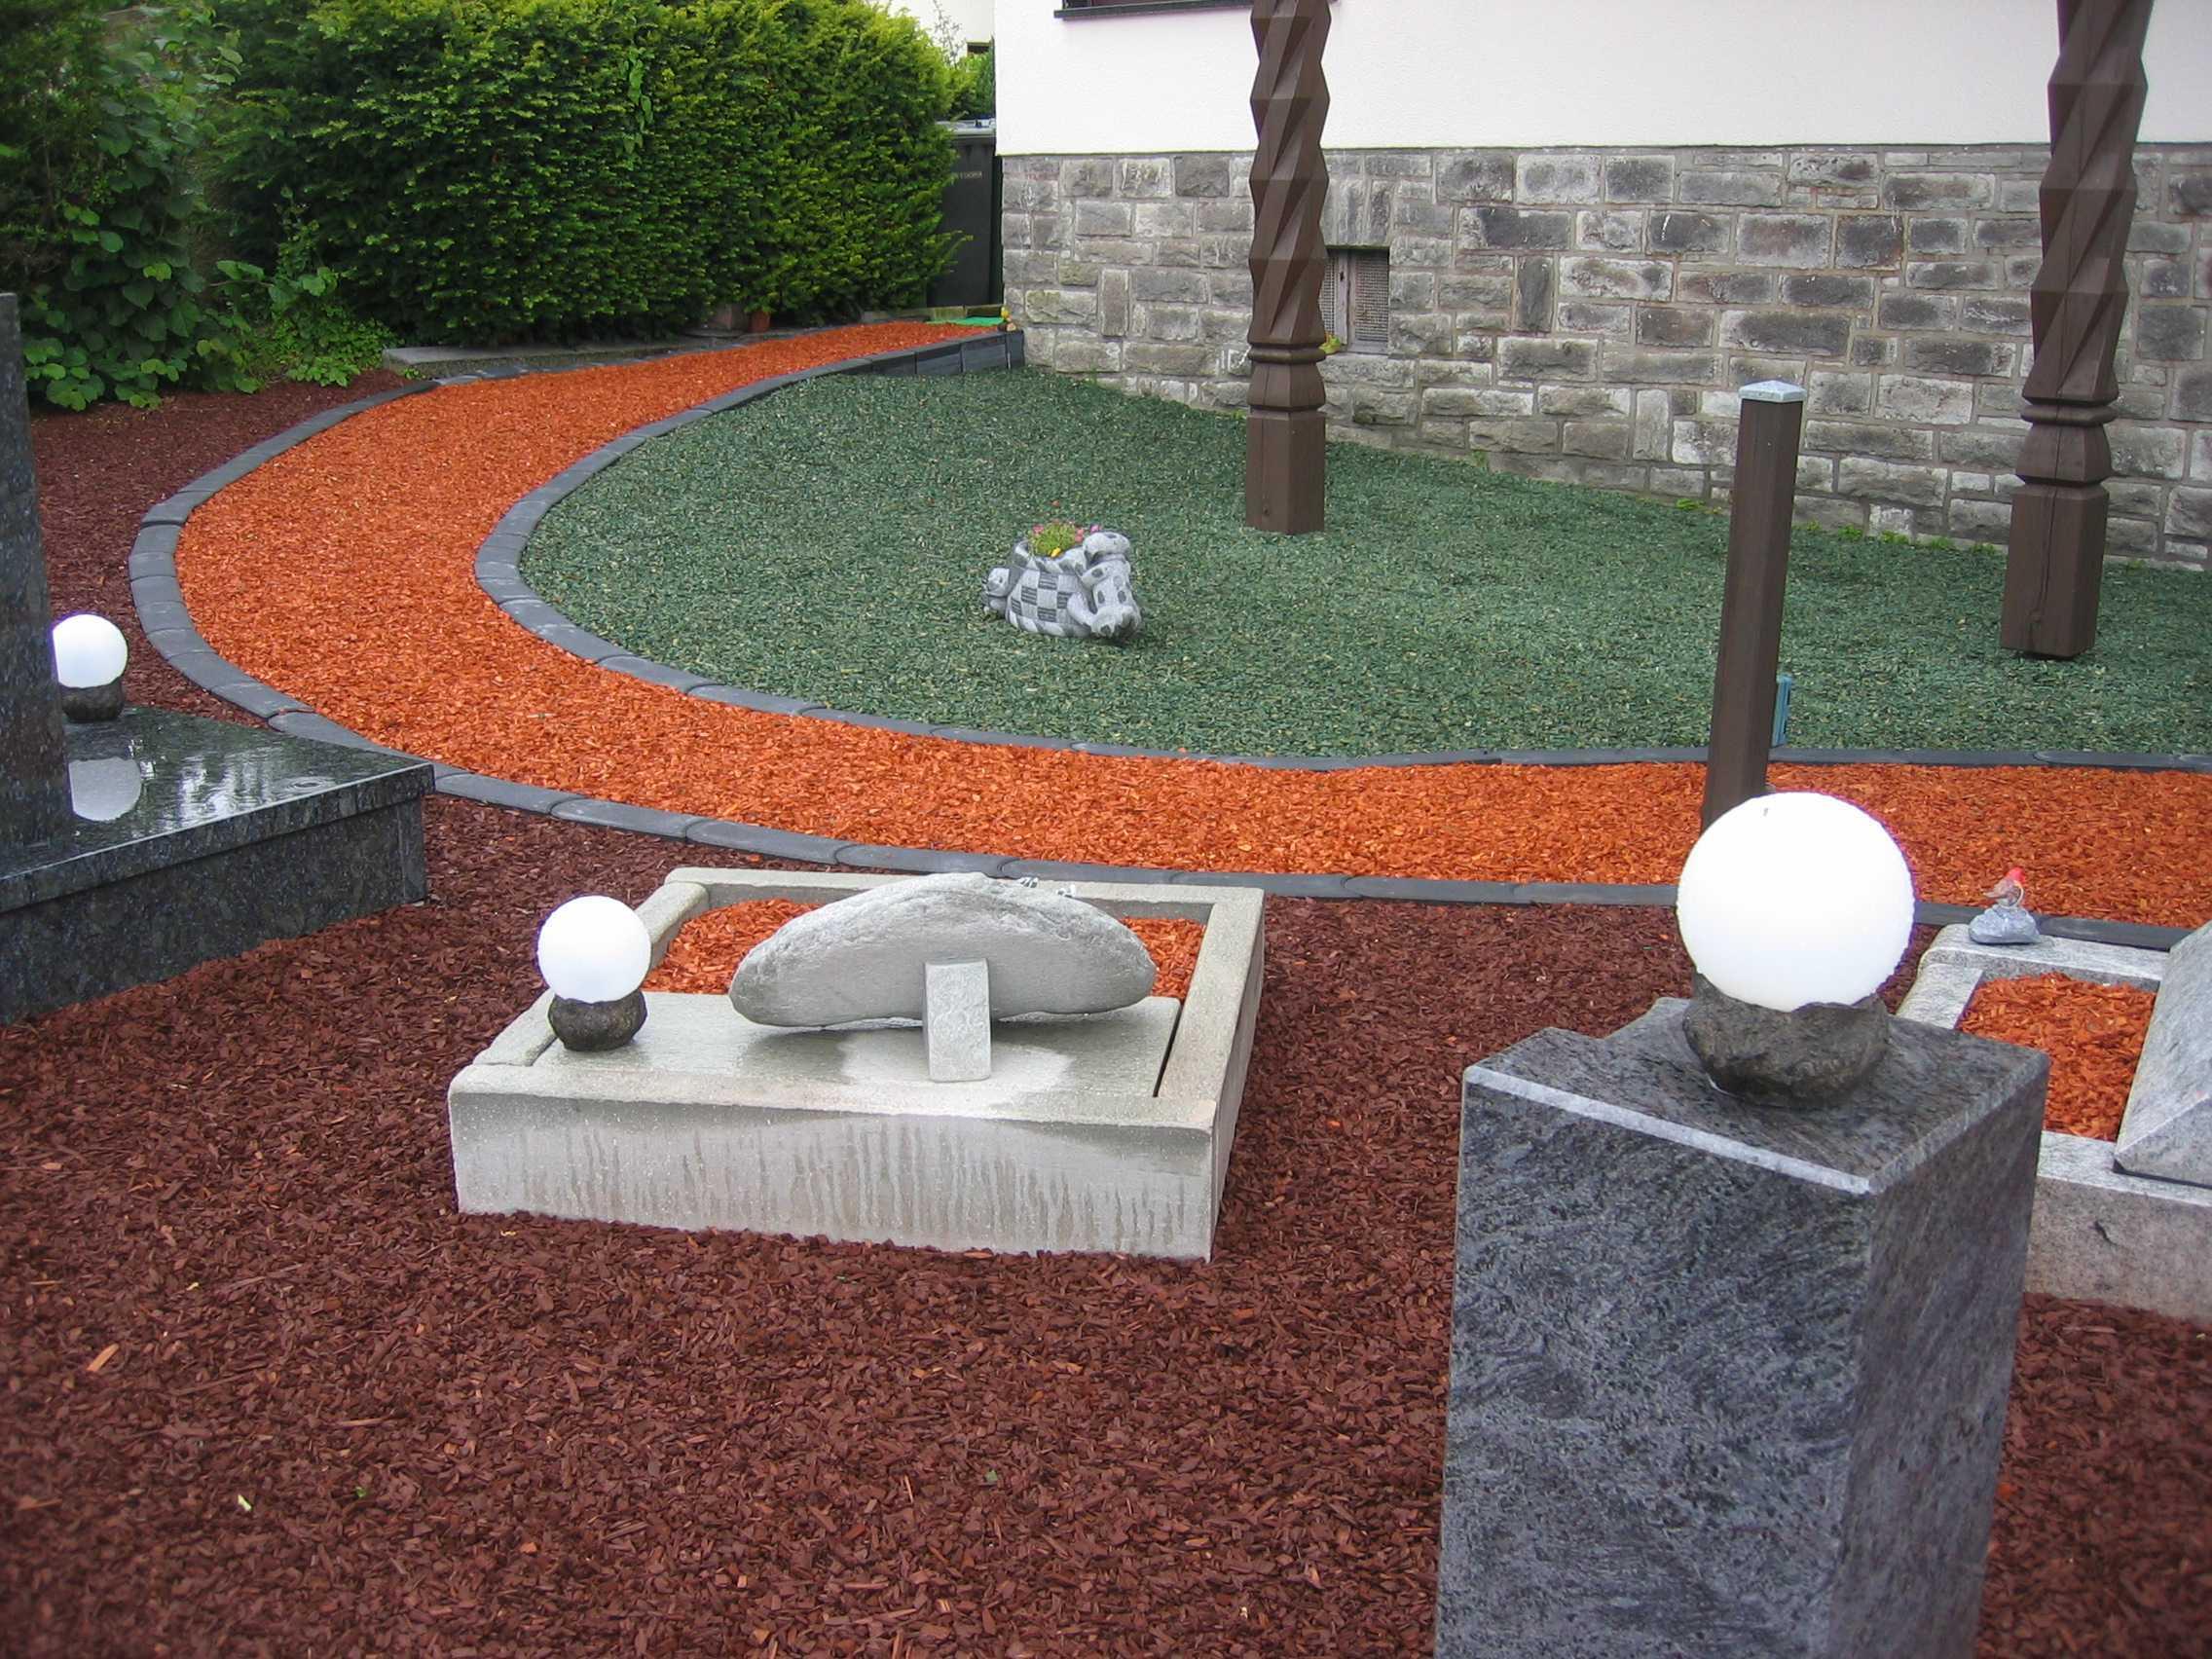 galerie grabpflege bioma hegler shop. Black Bedroom Furniture Sets. Home Design Ideas